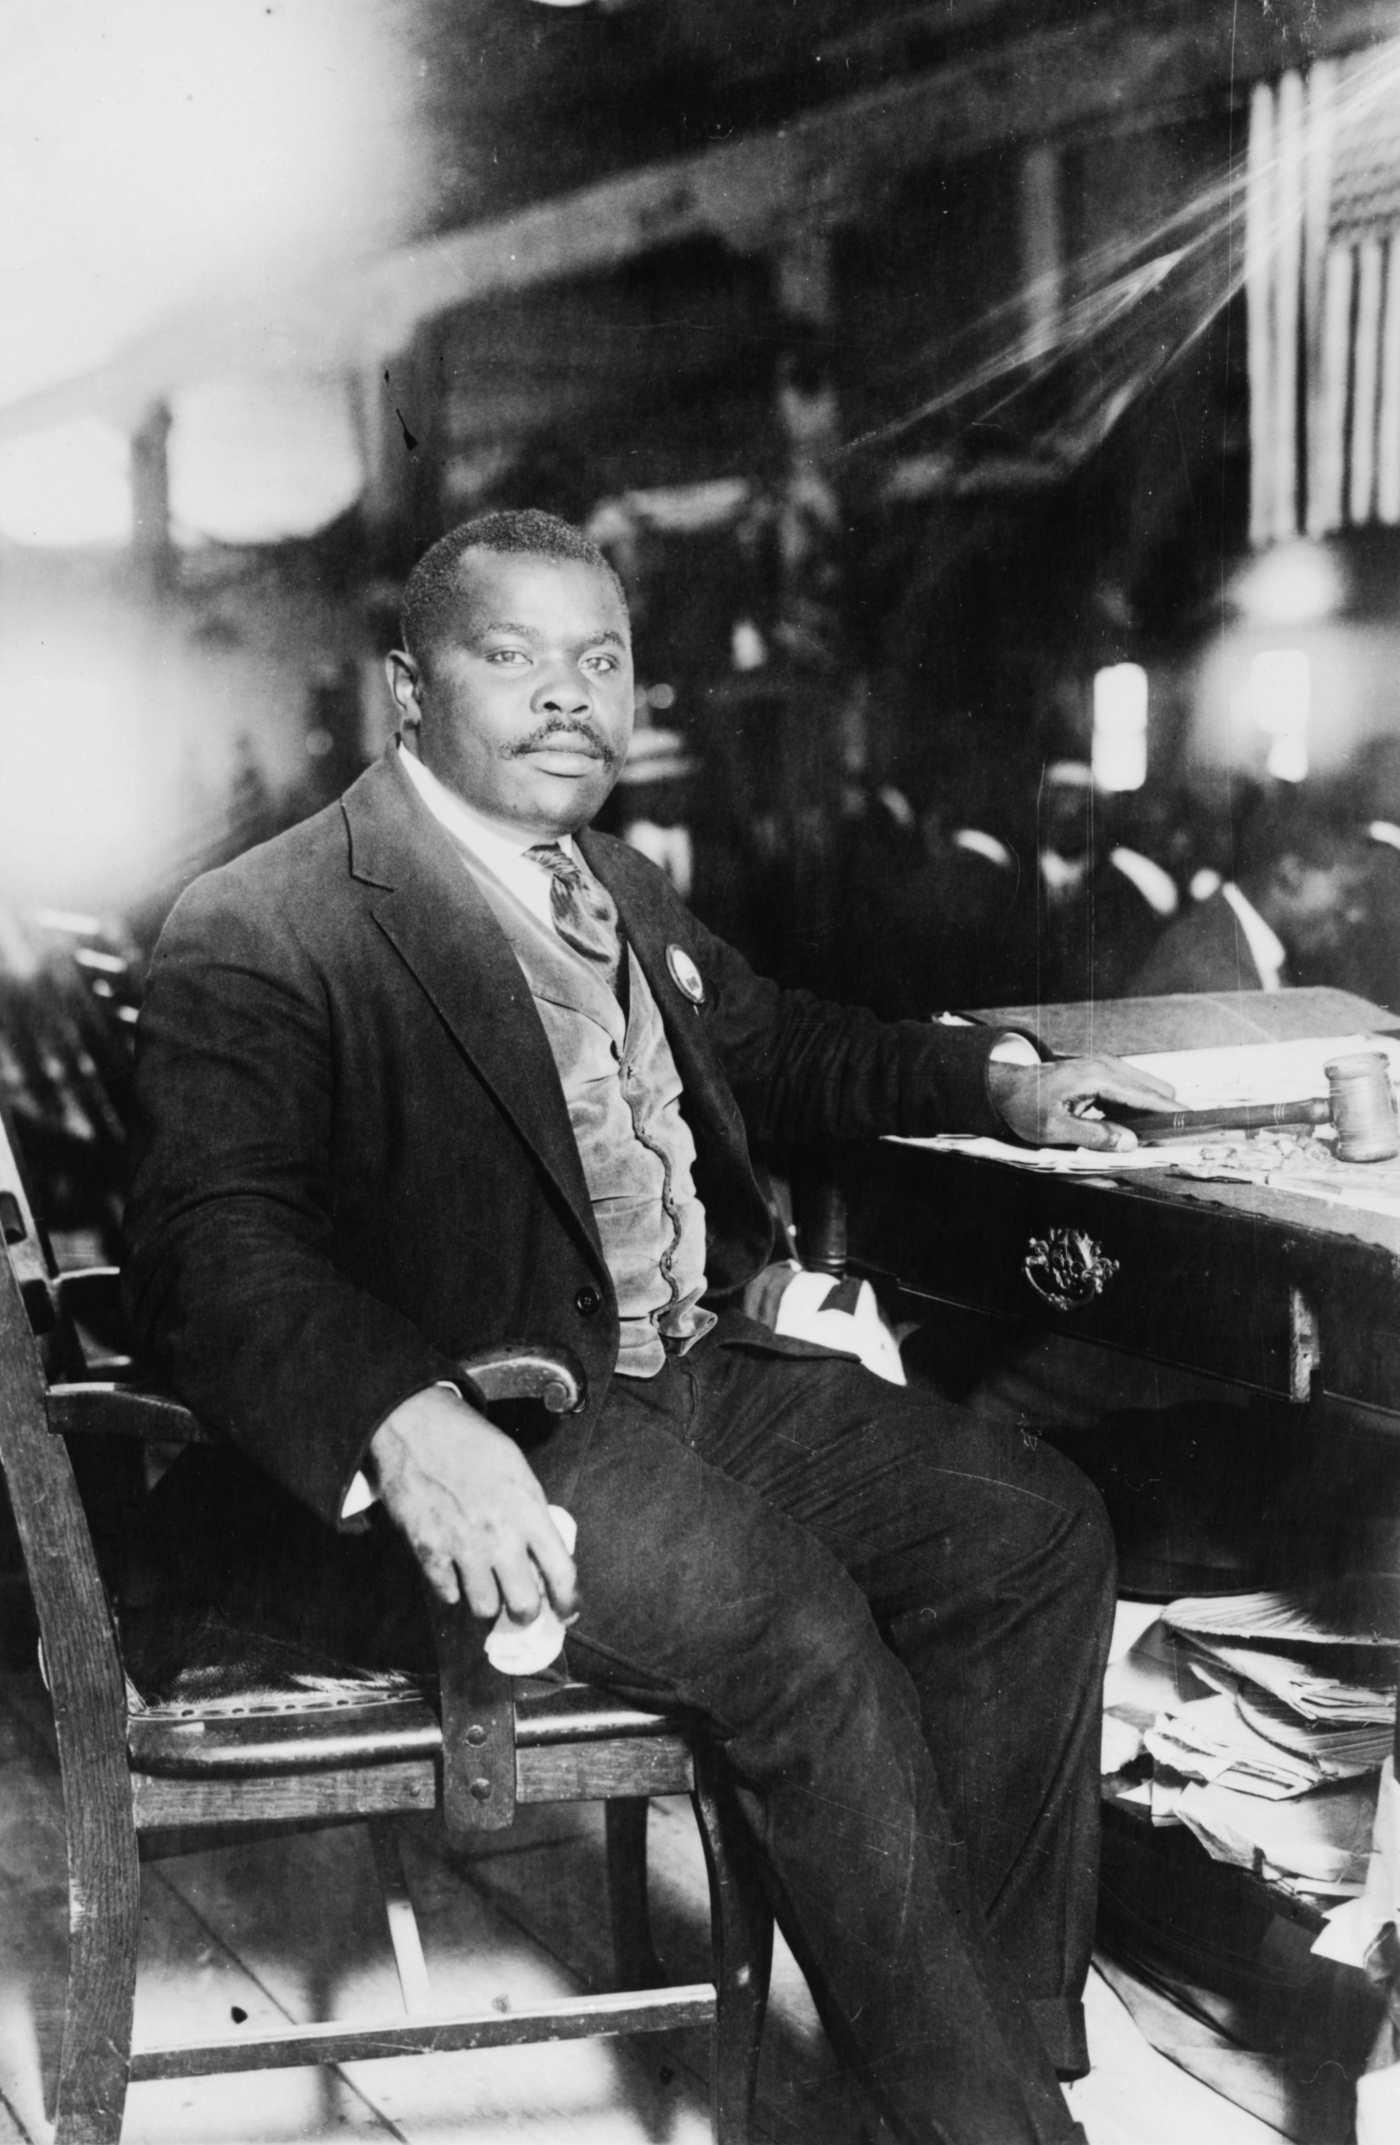 Marcus Garvey Ryszard Kapuściński Haile Selassie